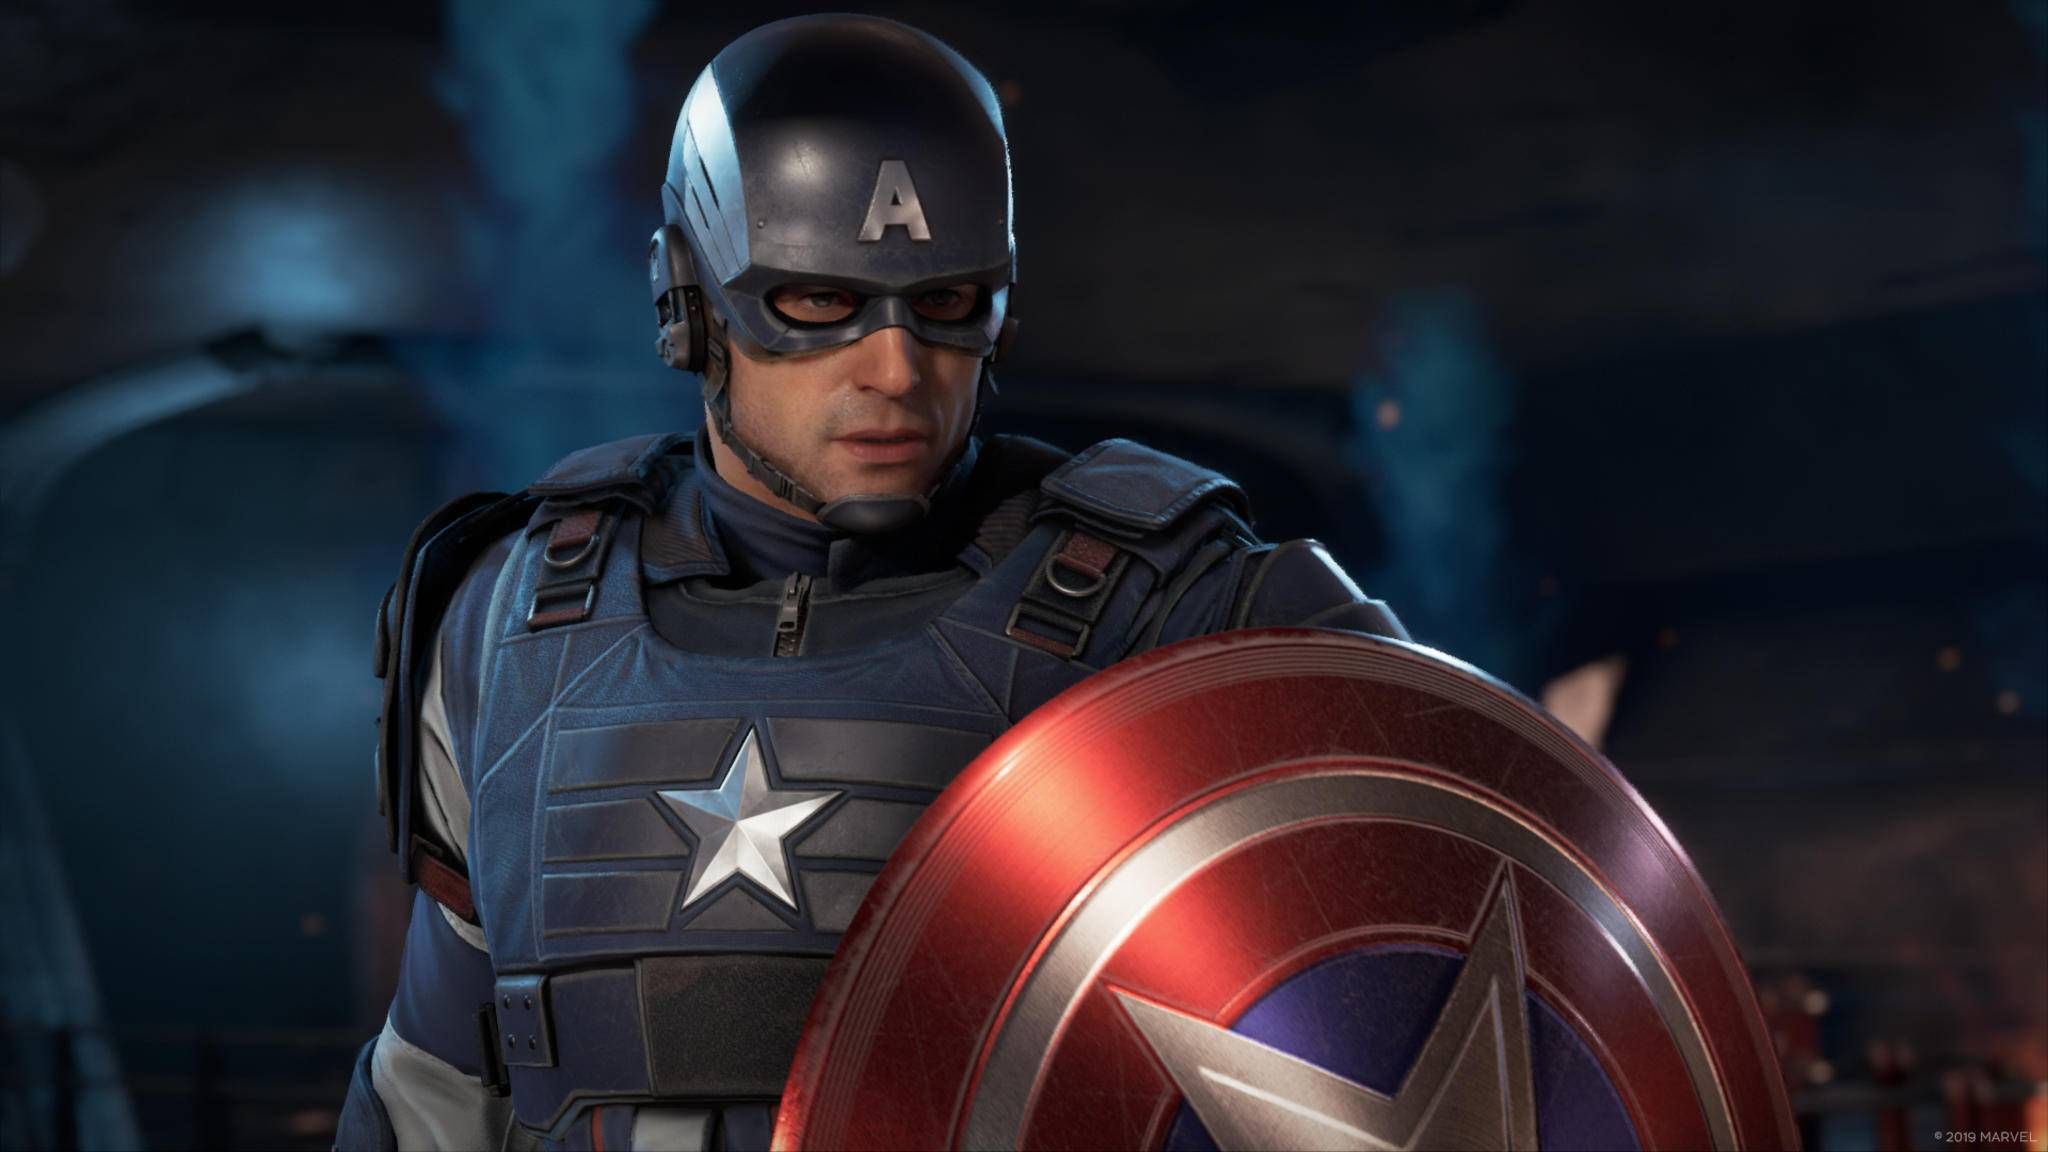 marvels-avengers-gamescom-captain-america